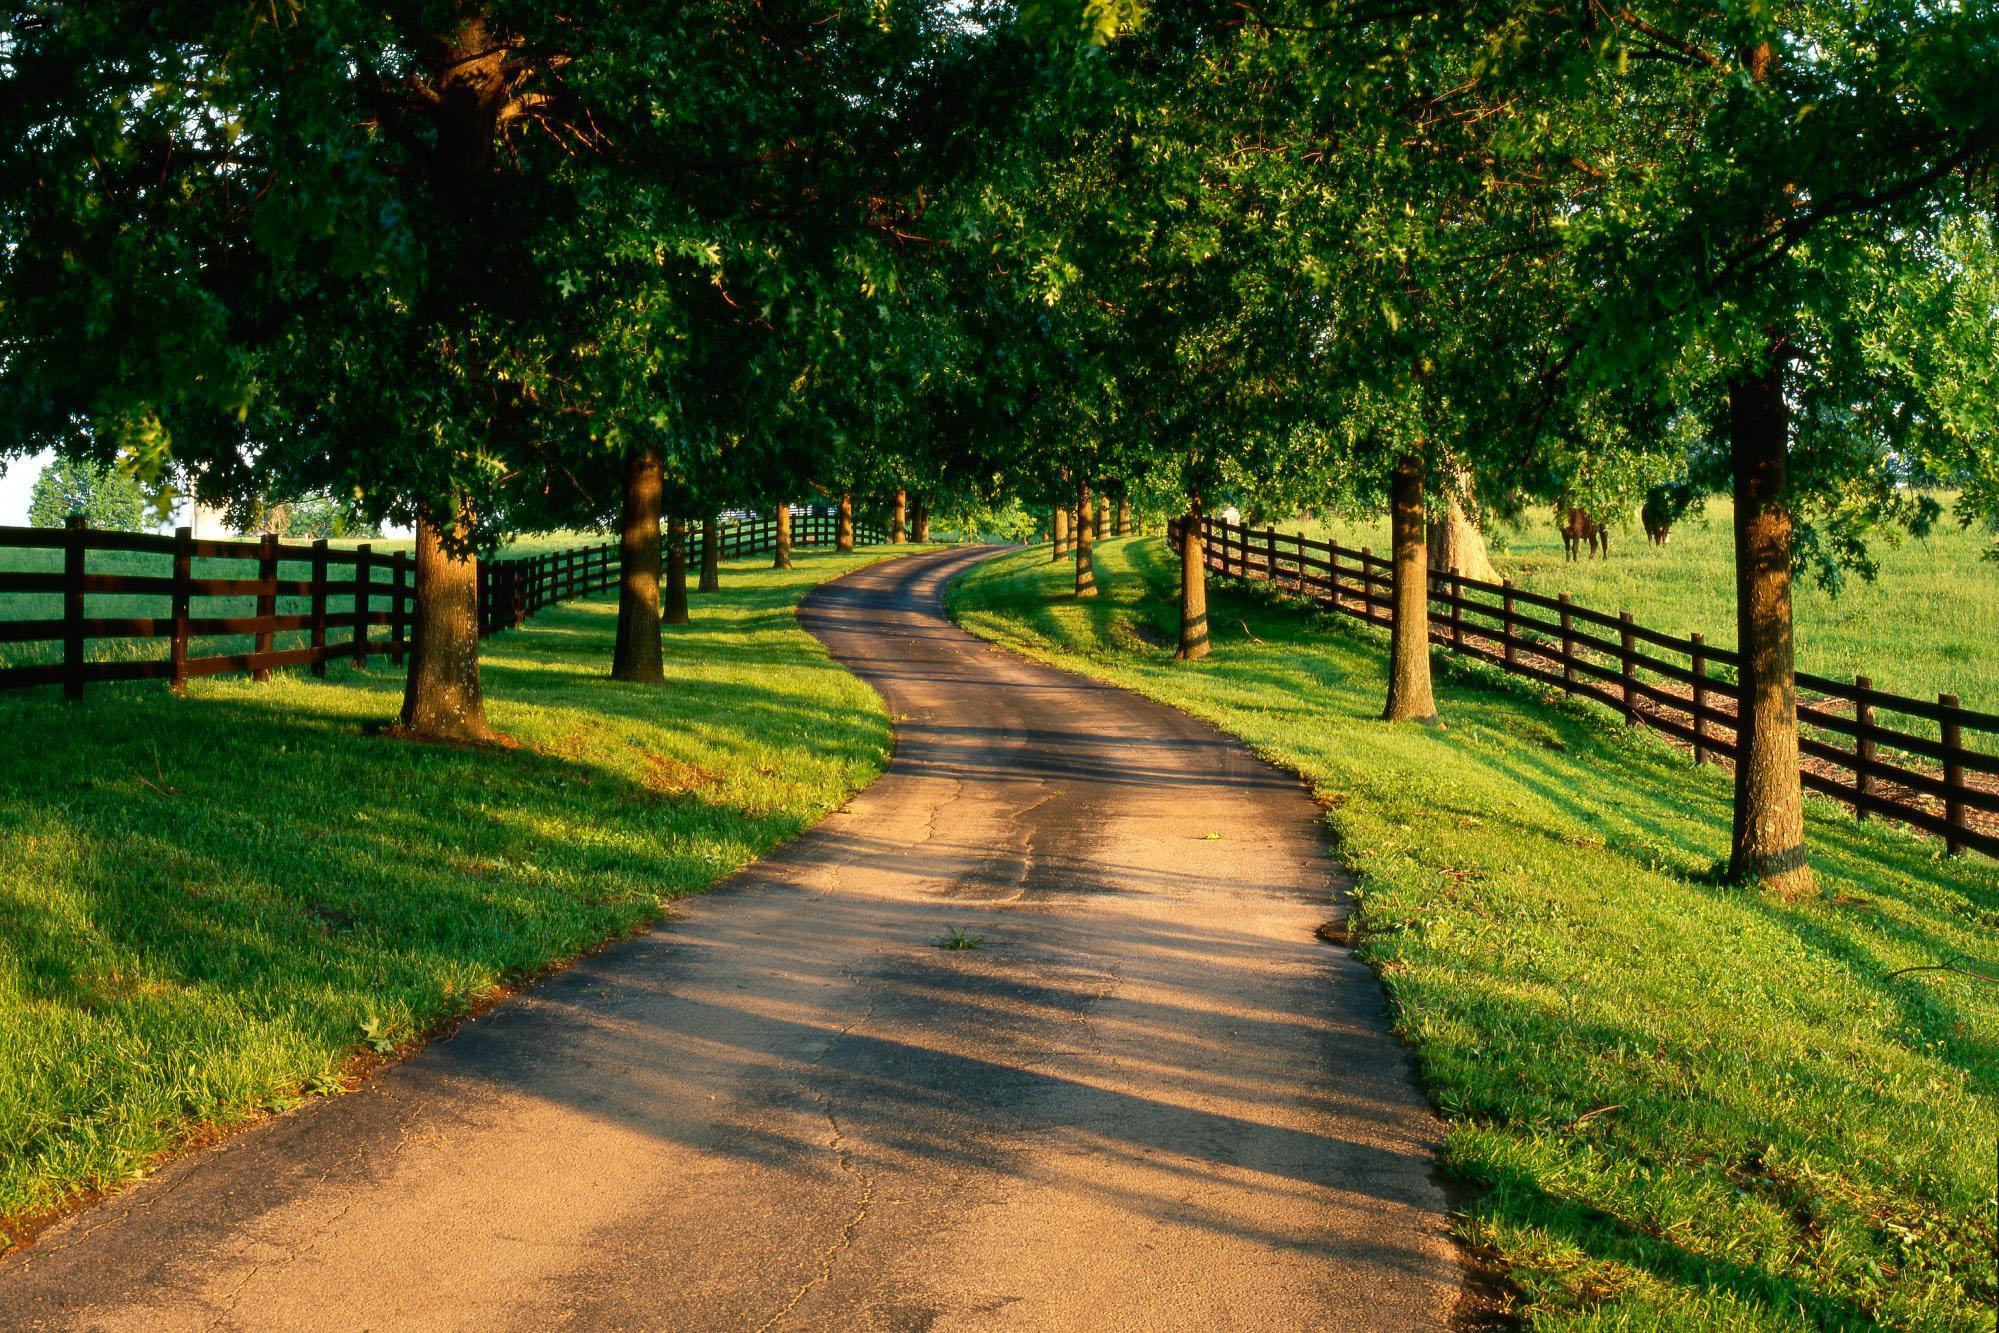 сельская грунтовая дорога среди деревьев, скачать фото, обои для рабочего стола